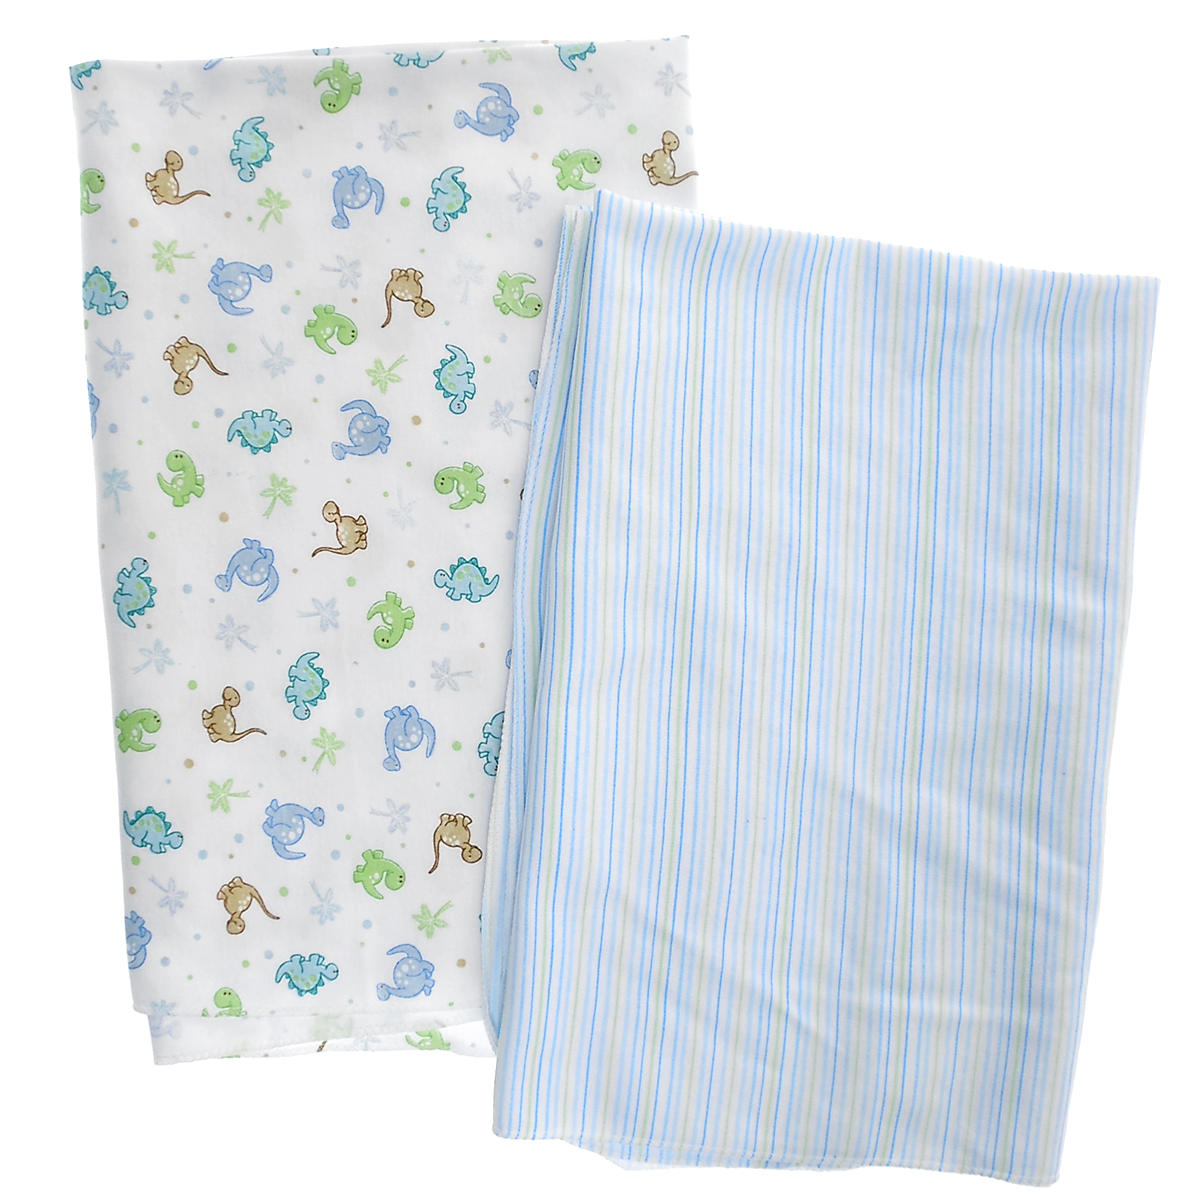 Набор пеленок Spasilk Дино, для мальчика, цвет: голубой, 76 см х 101 см, 2 шт бедра 101 см какой размер